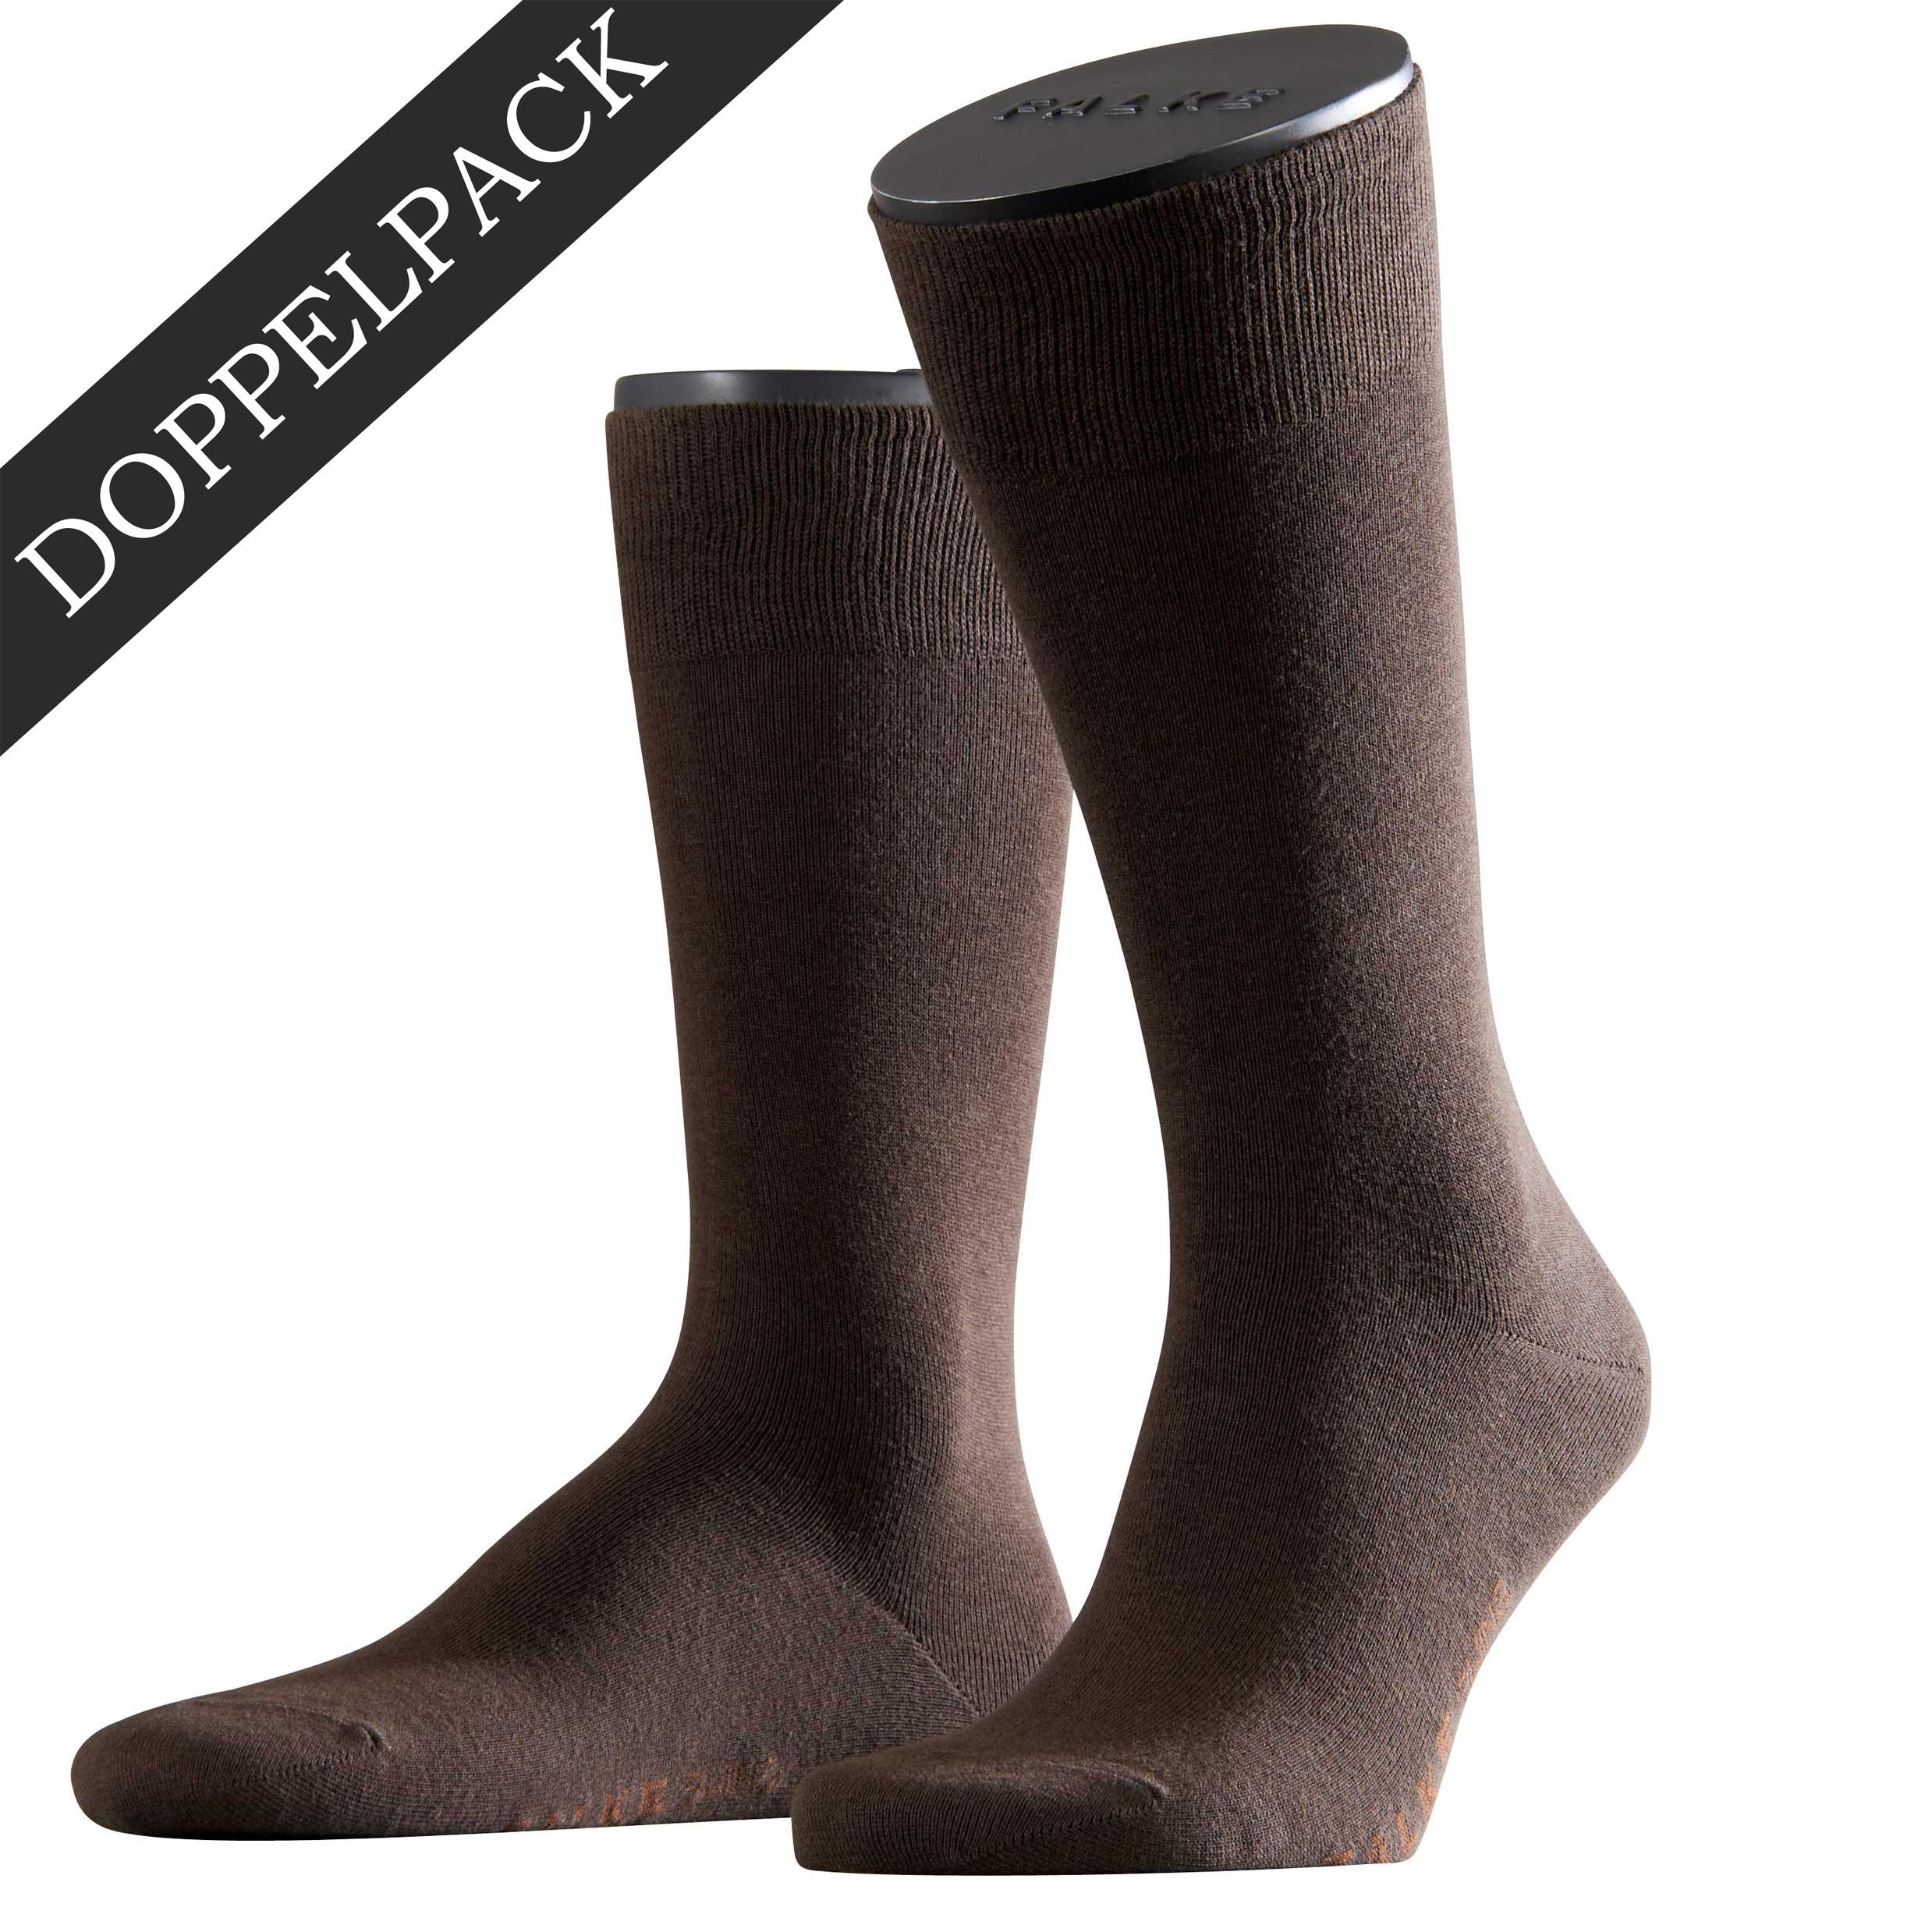 Falke Doppelpack Socke Swing braun 14633 - 5930 Basic Baumwolle